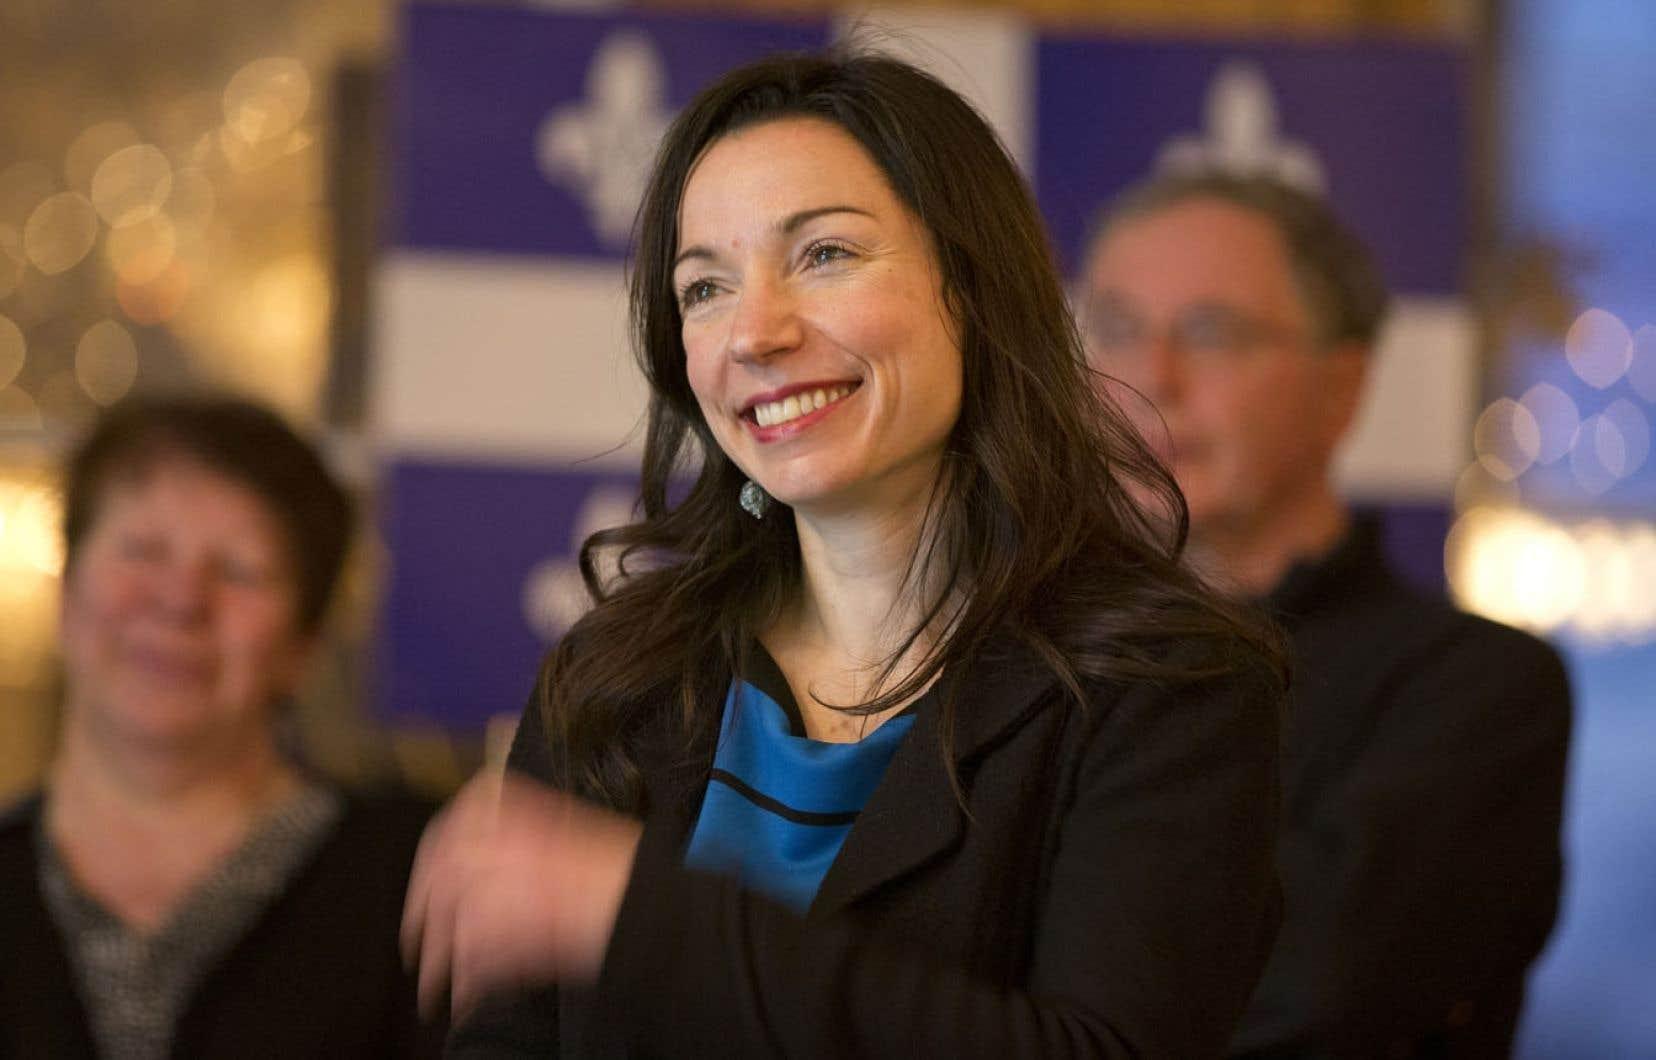 Les surplus d'électricité constituent toujours un avantage pour le Québec, estime la ministre des Ressources naturelles, Martine Ouellet, photographiée lundi soir lors de son assemblée d'investiture à Saint-Hubert, dans la circonscription de Vachon.